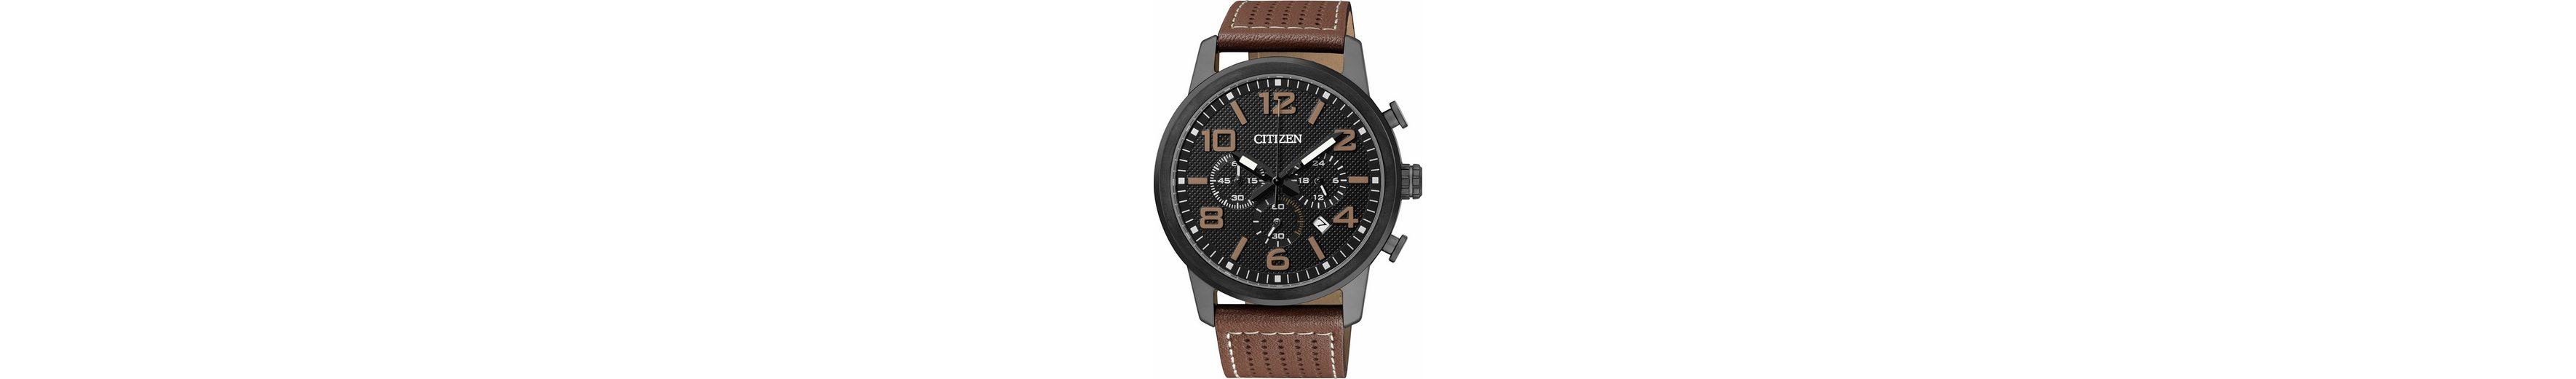 Citizen Chronograph »AN8055-06E«